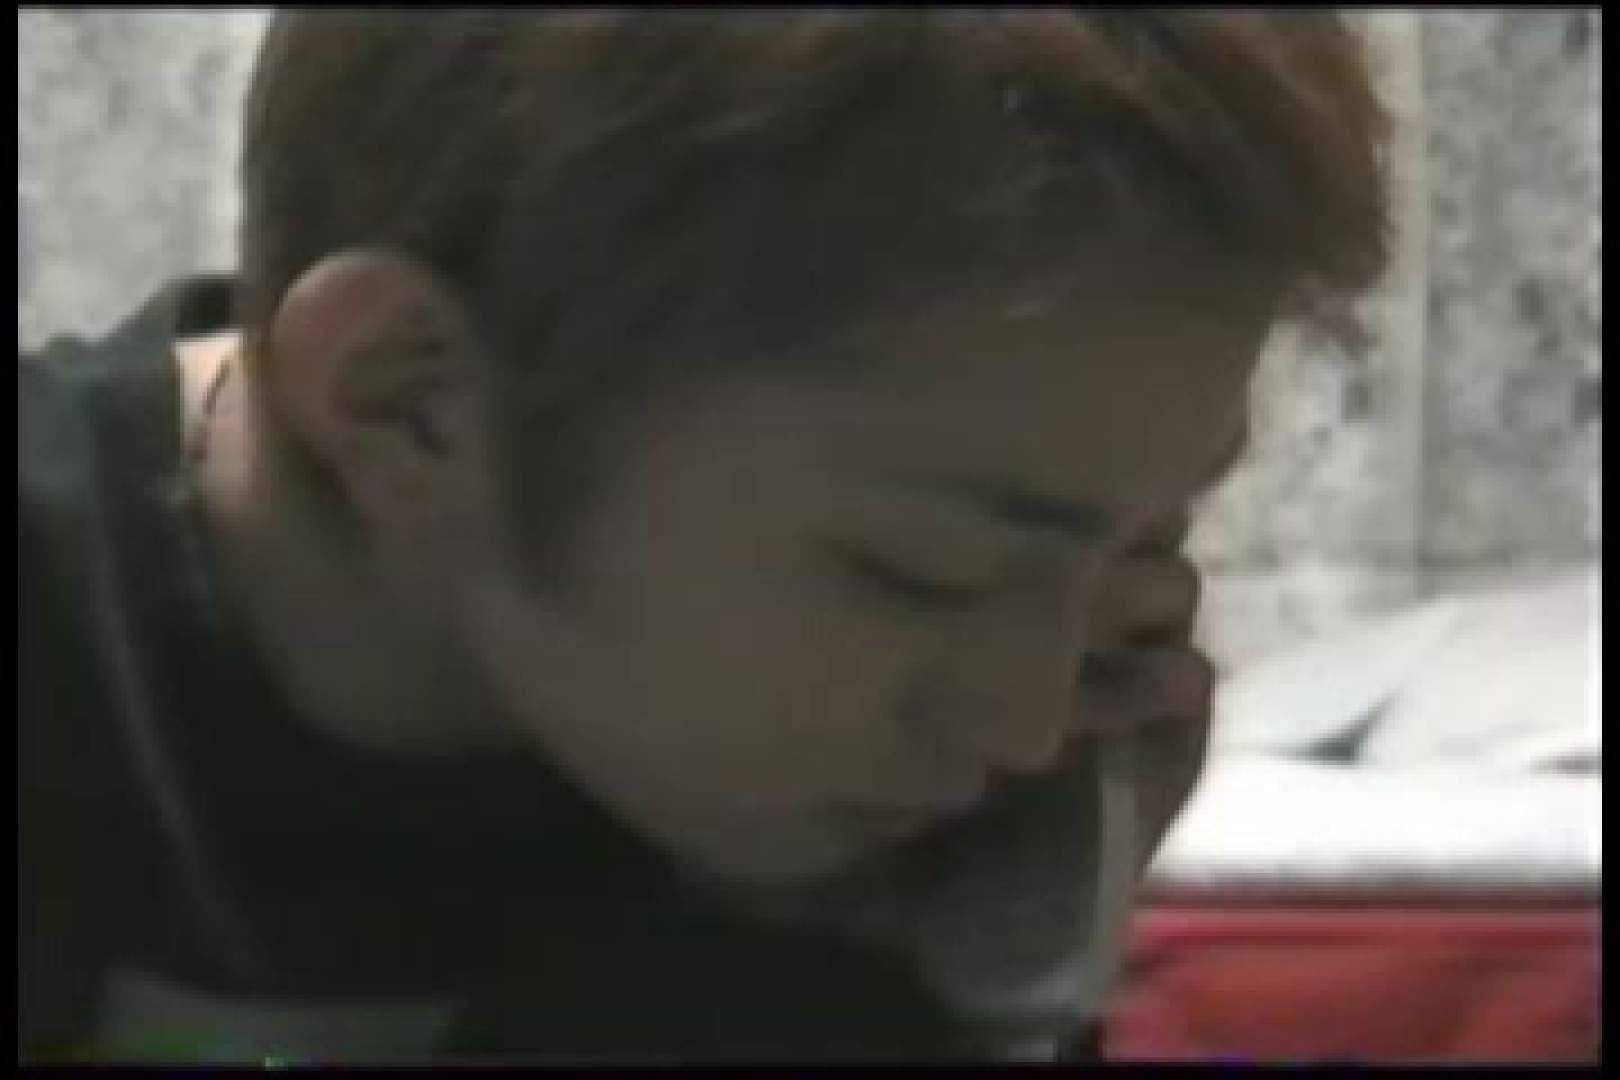 【流出】アイドルを目指したジャニ系イケメンの過去 流出作品 ゲイエロビデオ画像 72pic 3